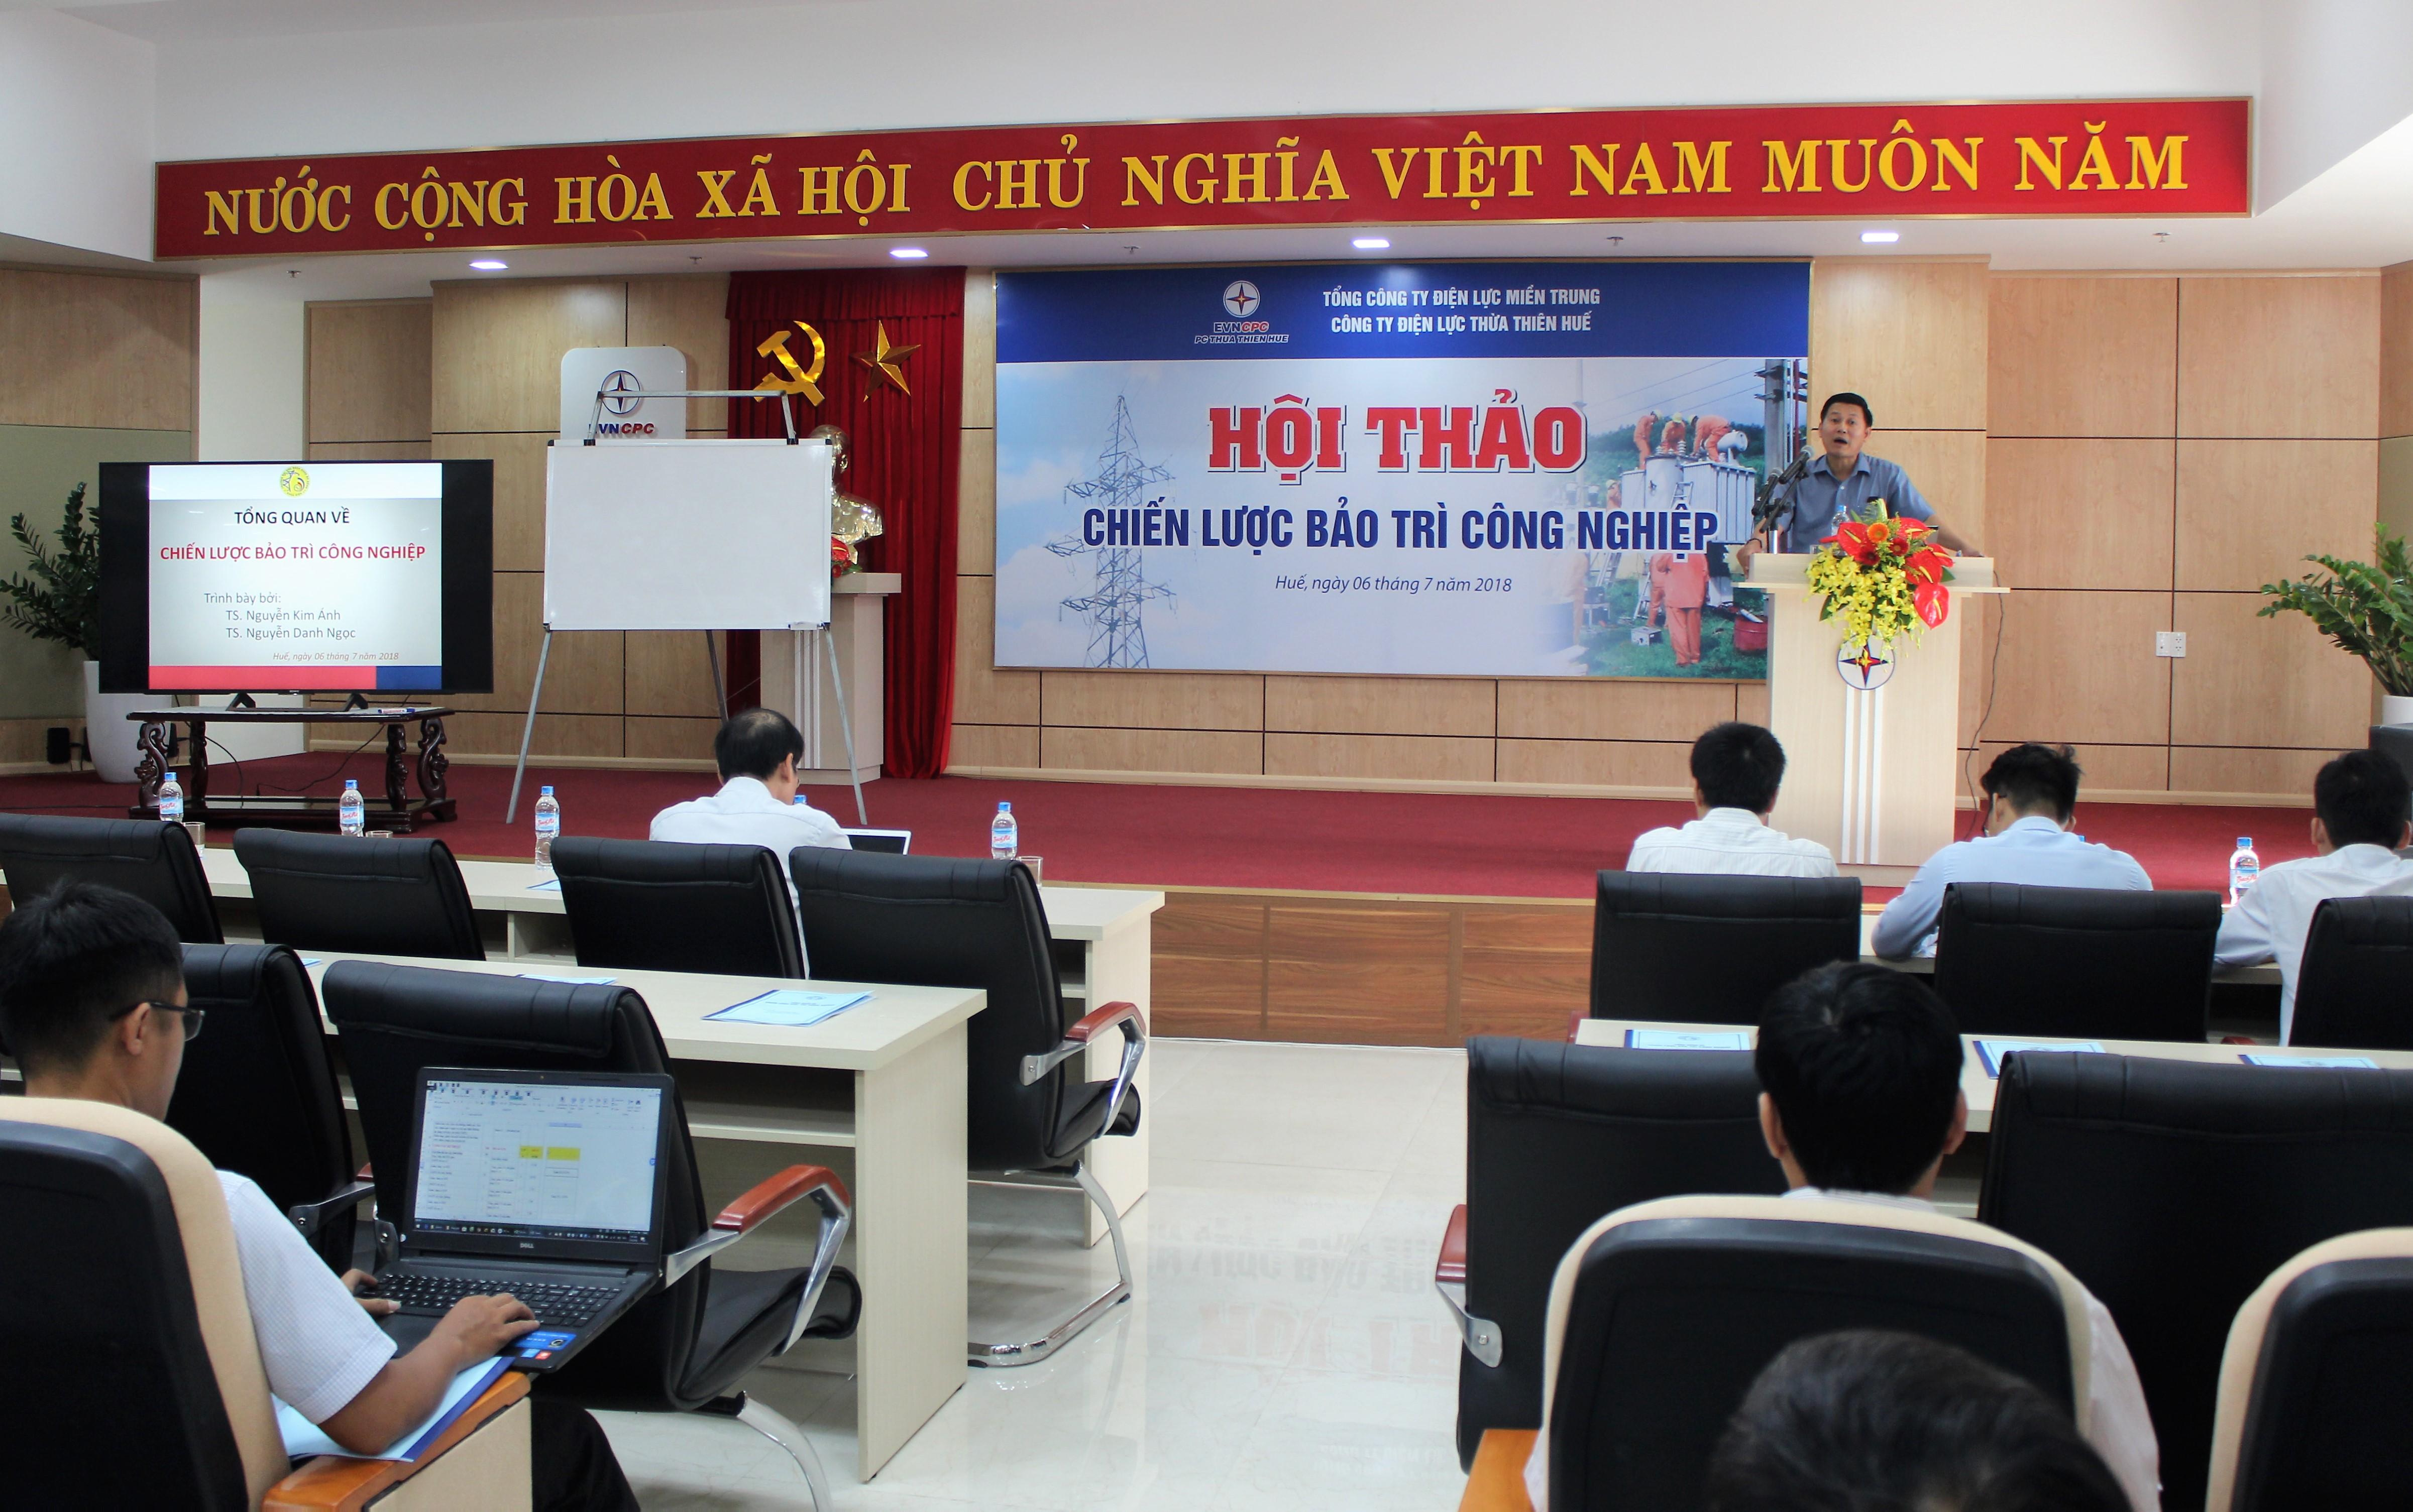 PC Thừa Thiên Huế tổ chức hội thảo Chiến lược bảo trì công nghiệp